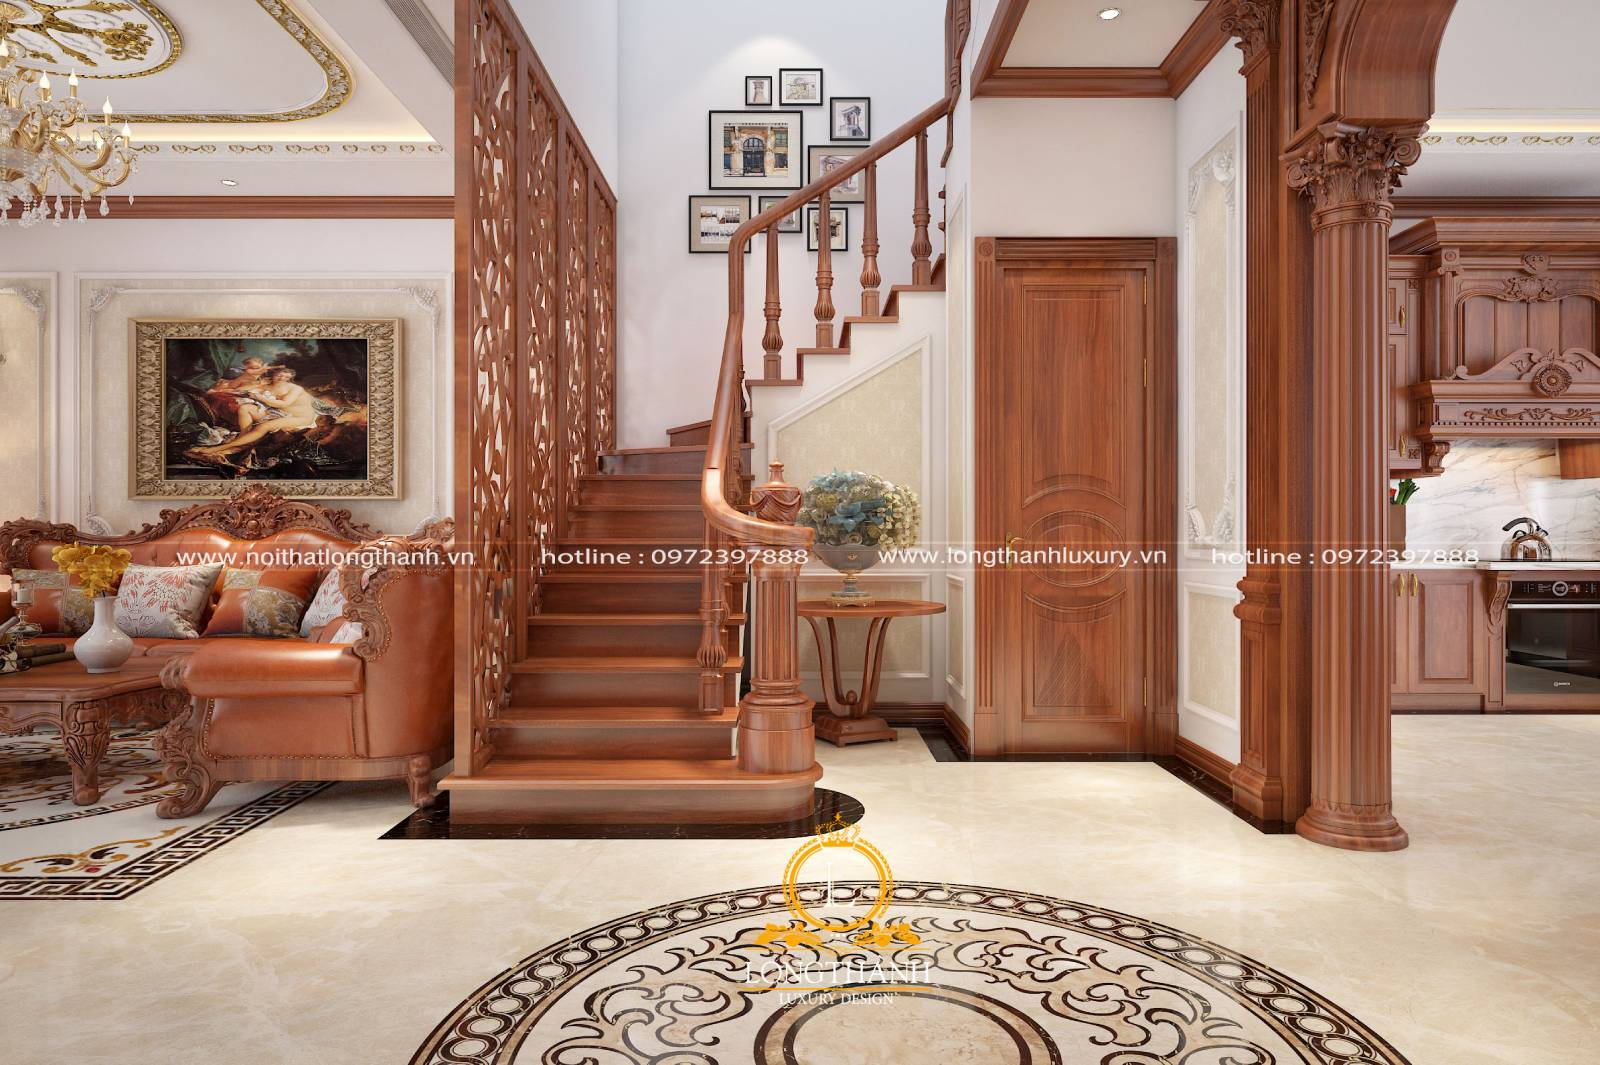 Những mẫu cầu thang gỗ đẹp với nhiều phong cách